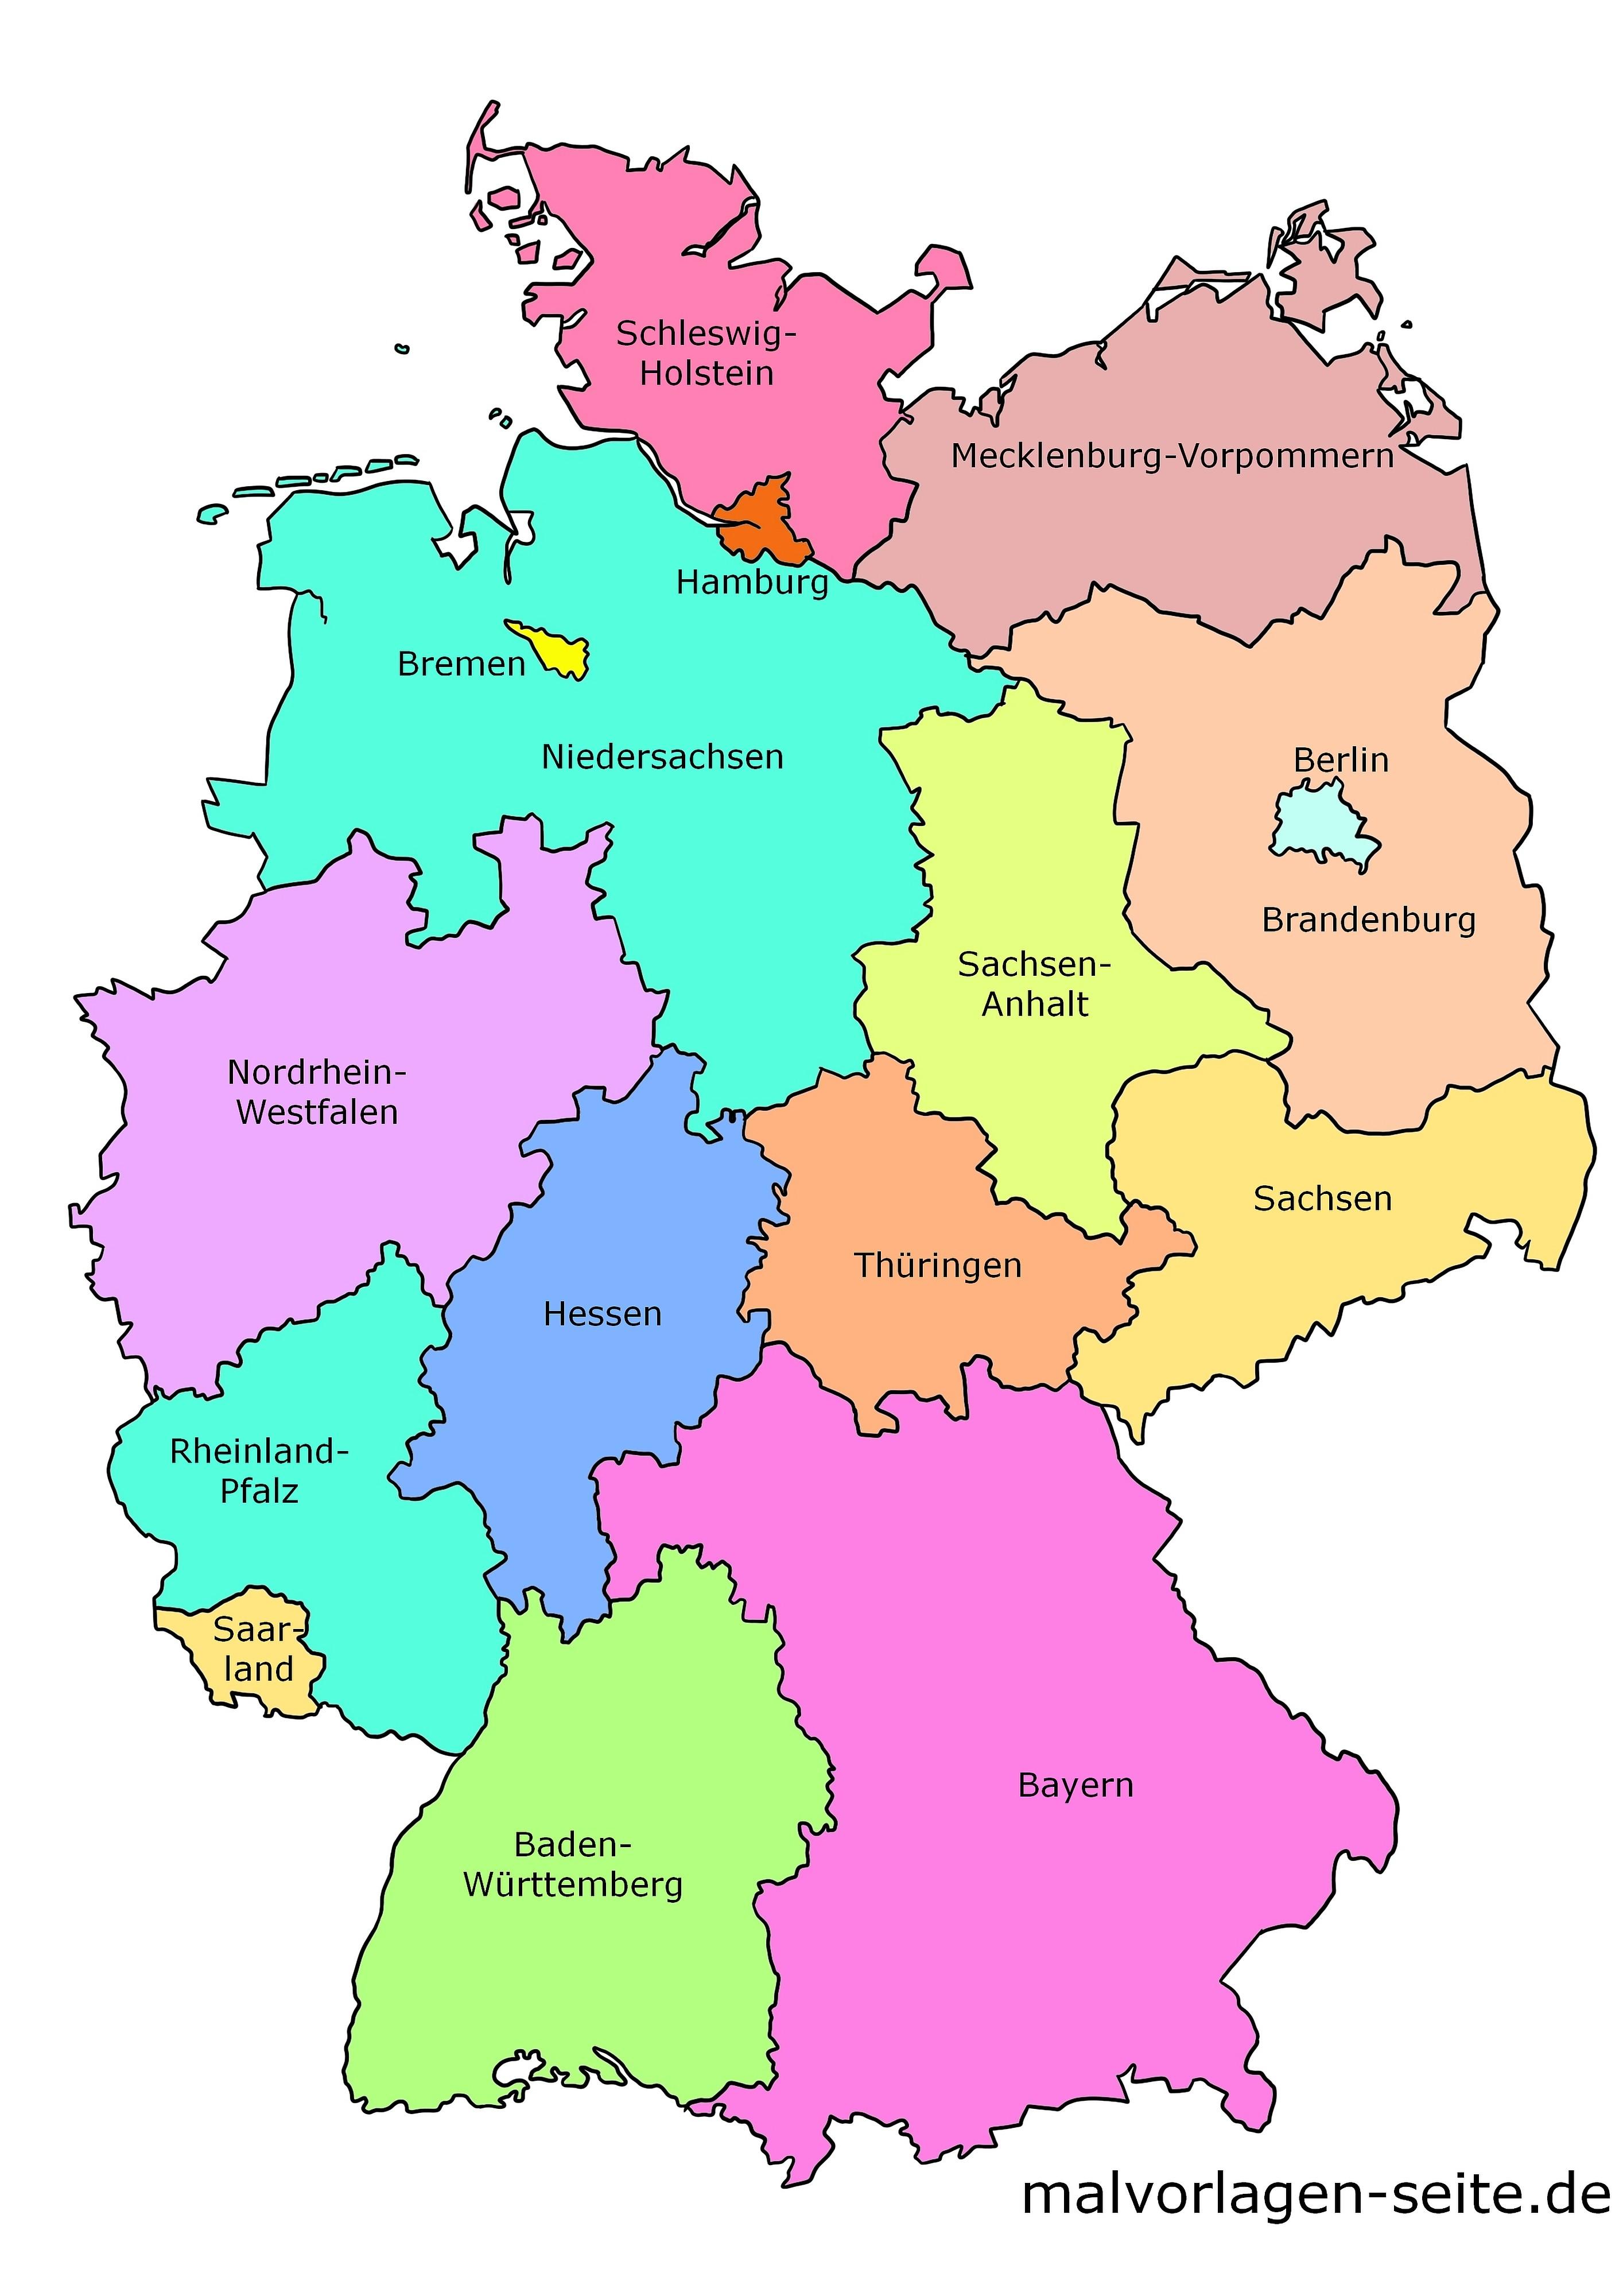 deutschland bundesländer karte pdf Wie heißen die 16 Bundesländer von Deutschland und ihre Hauptstädte